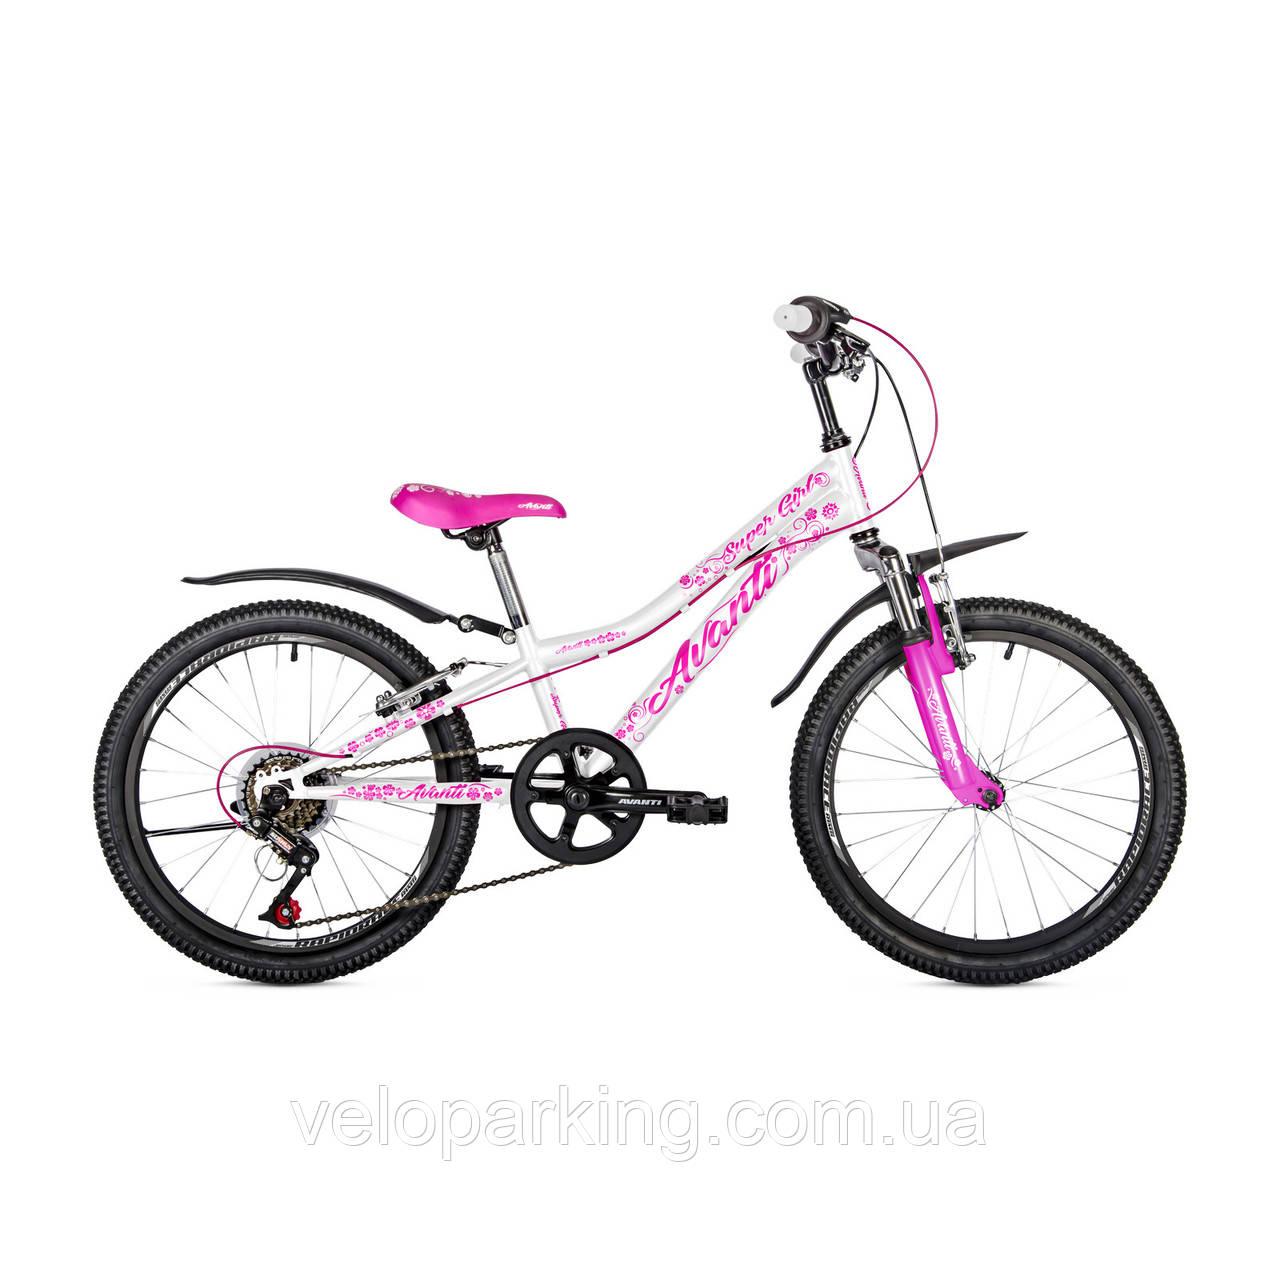 Горный  велосипед для девочки  Avanti Super girl 20 (2018)  new